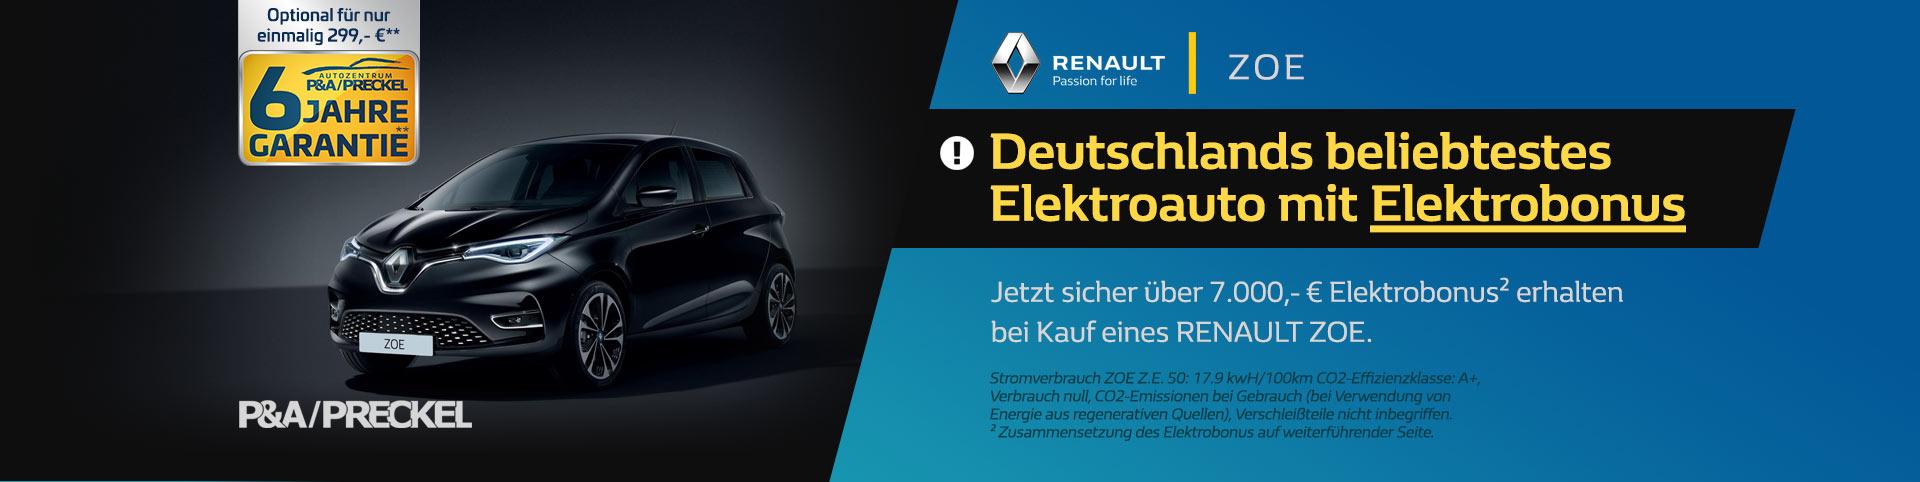 ZOE Elektrobonus 7000 Euro